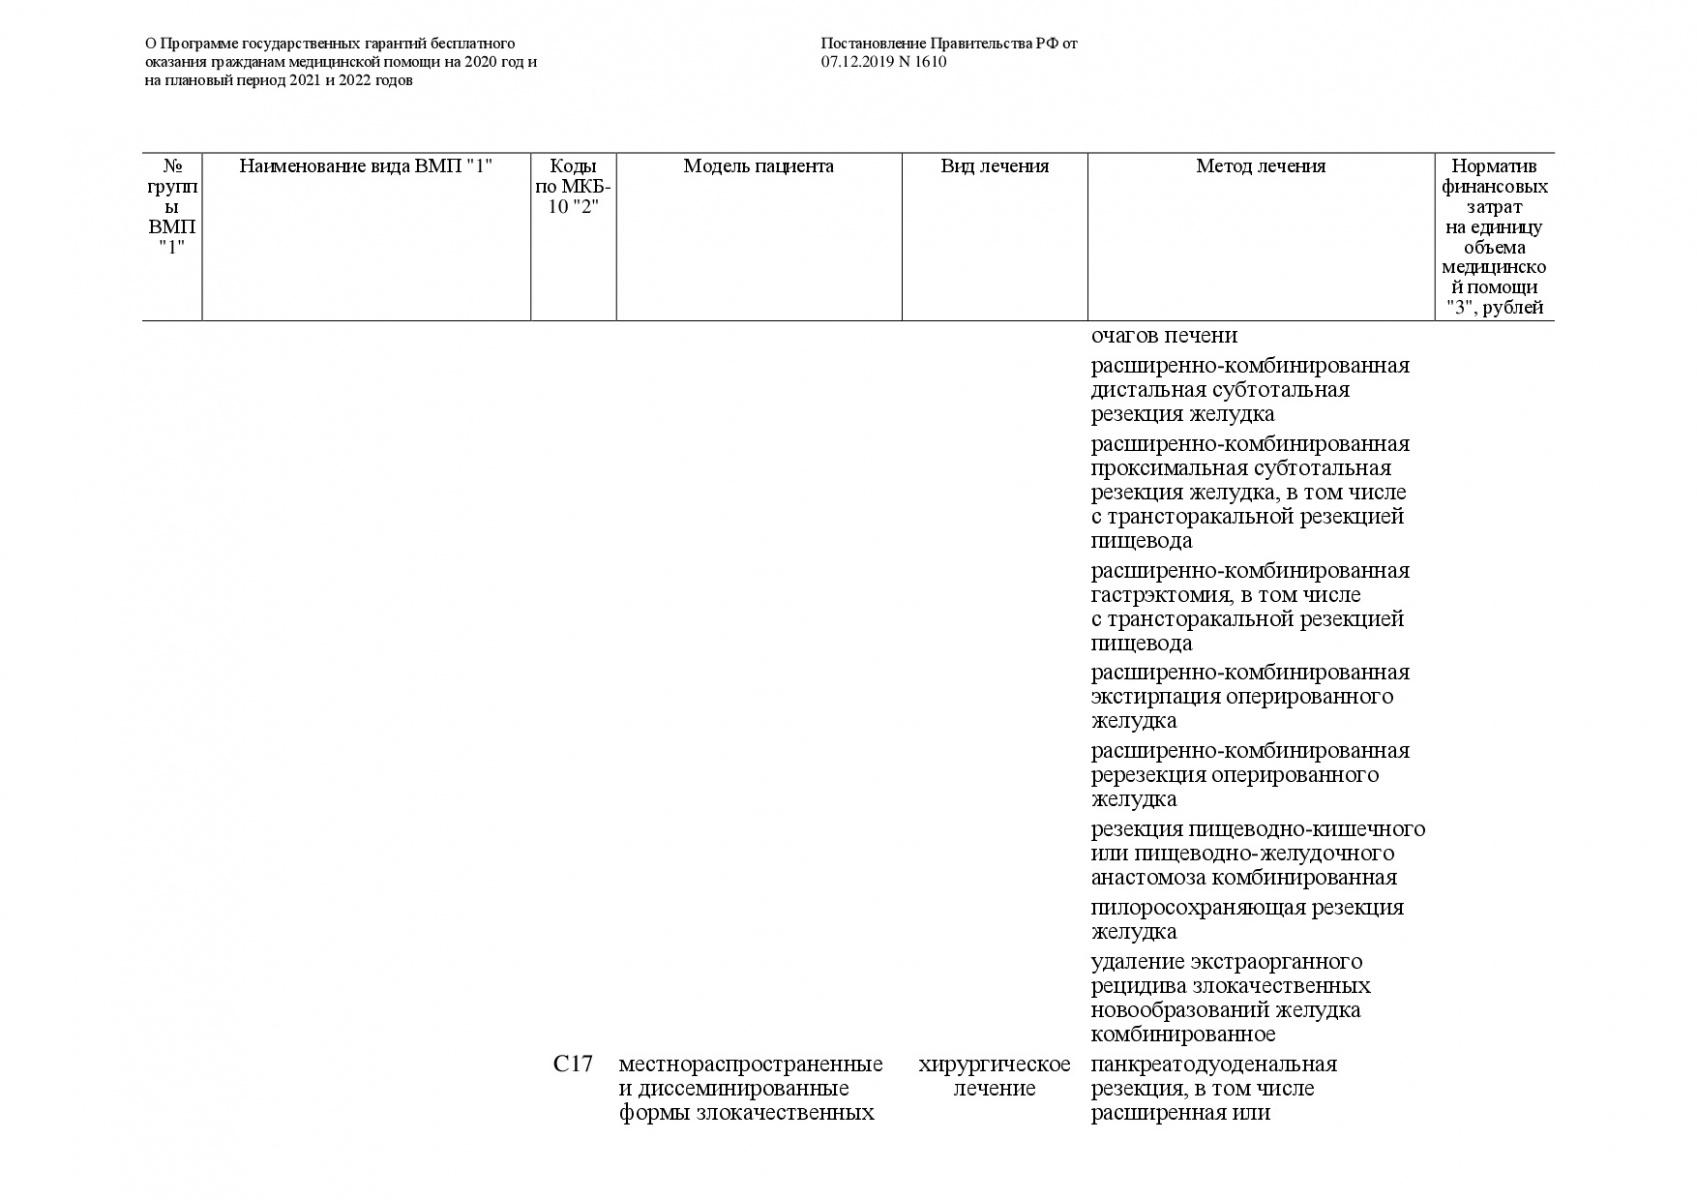 Postanovlenie-Pravitelstva-RF-ot-07_12_2019-1610-O-PGG-080